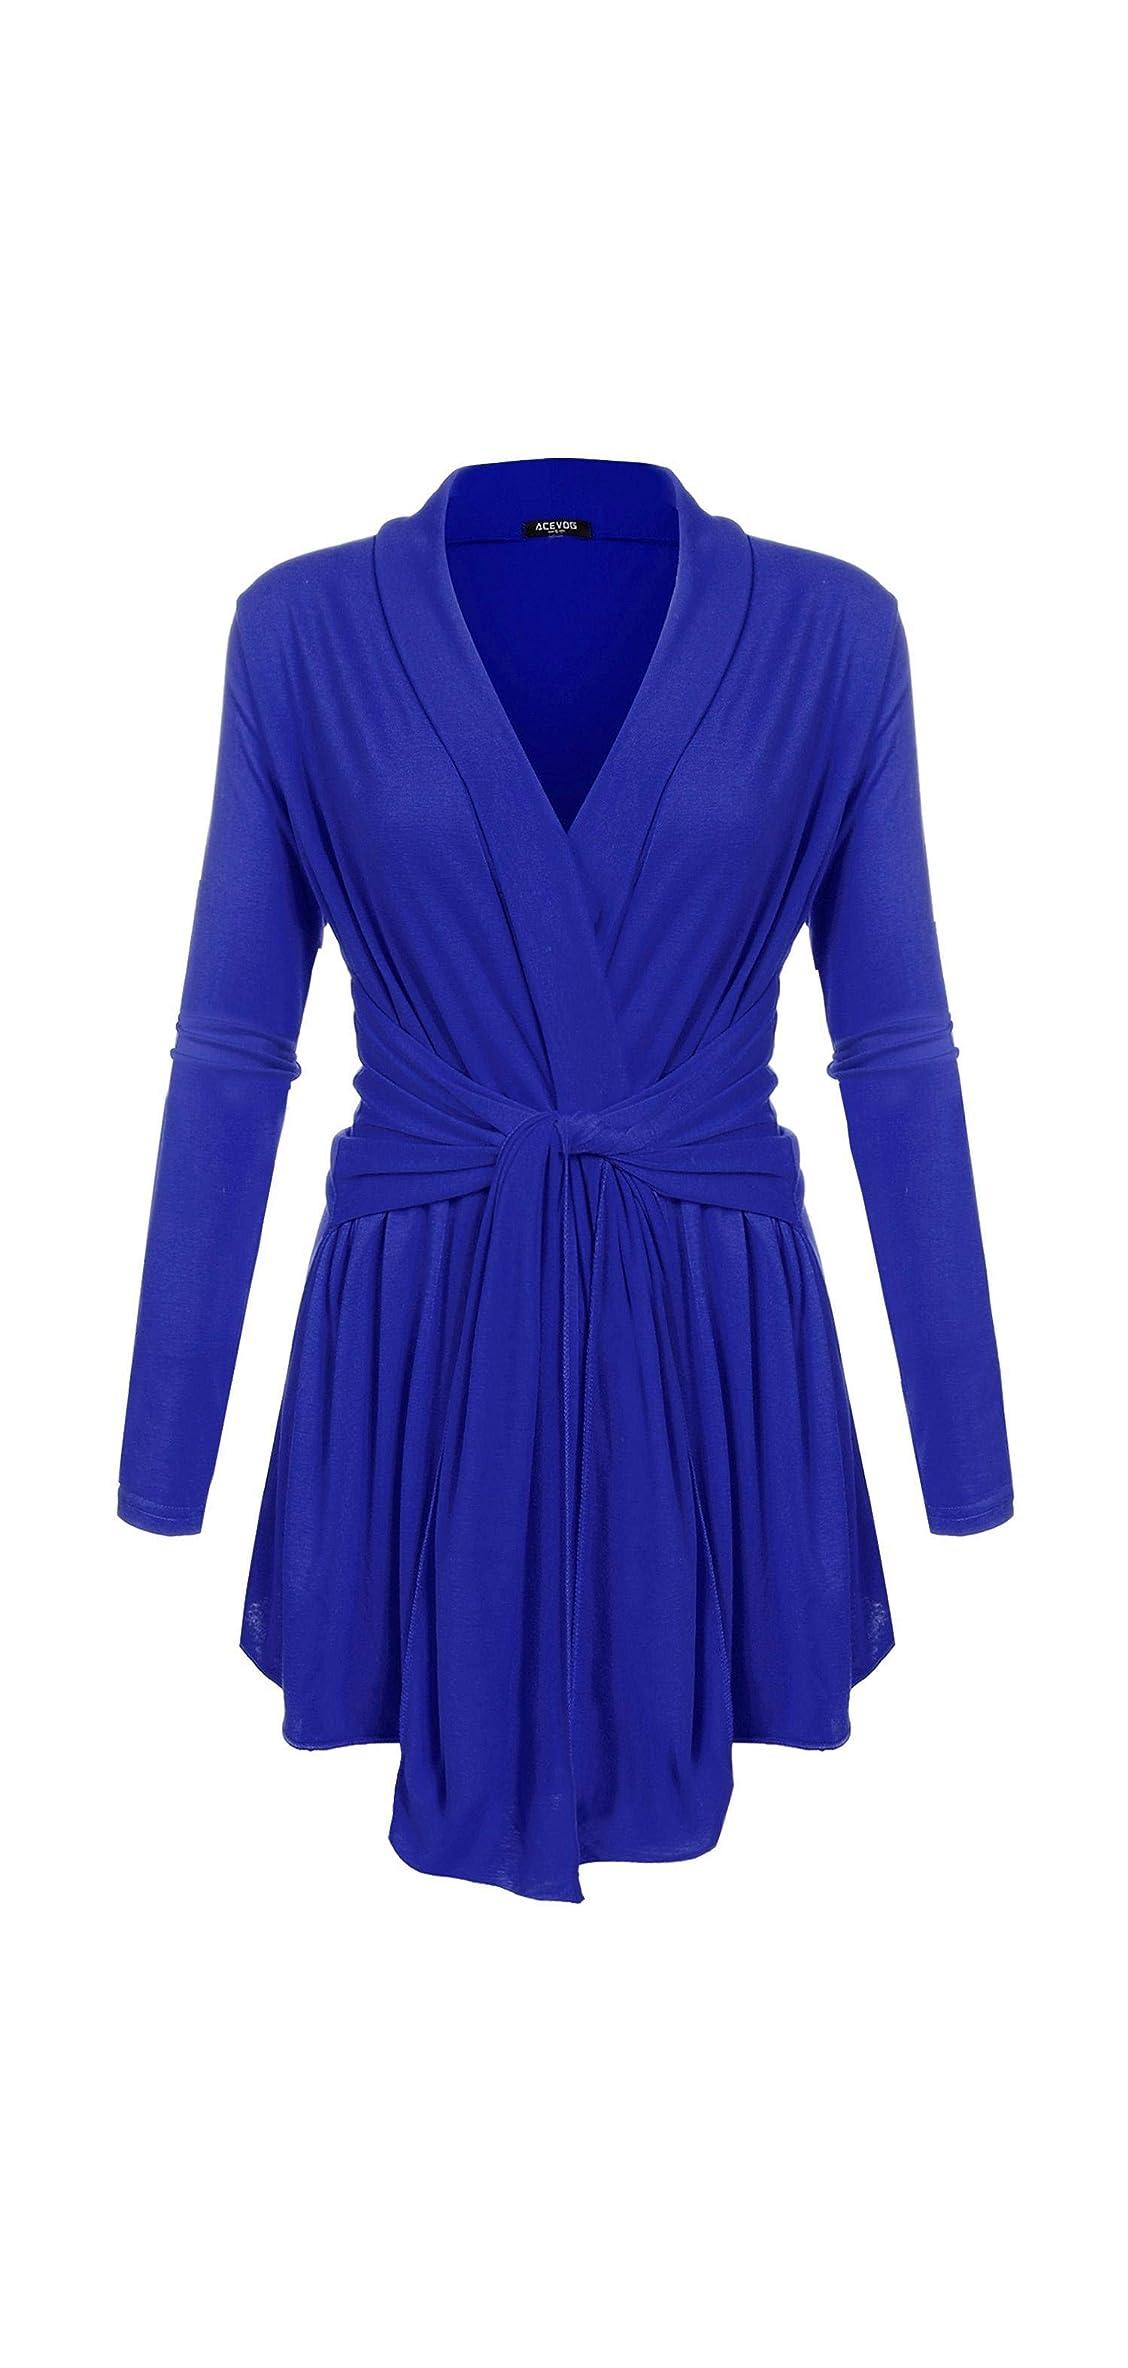 Women's Long Sleeve Cardigan Tie Waist Thin Sweaters Open